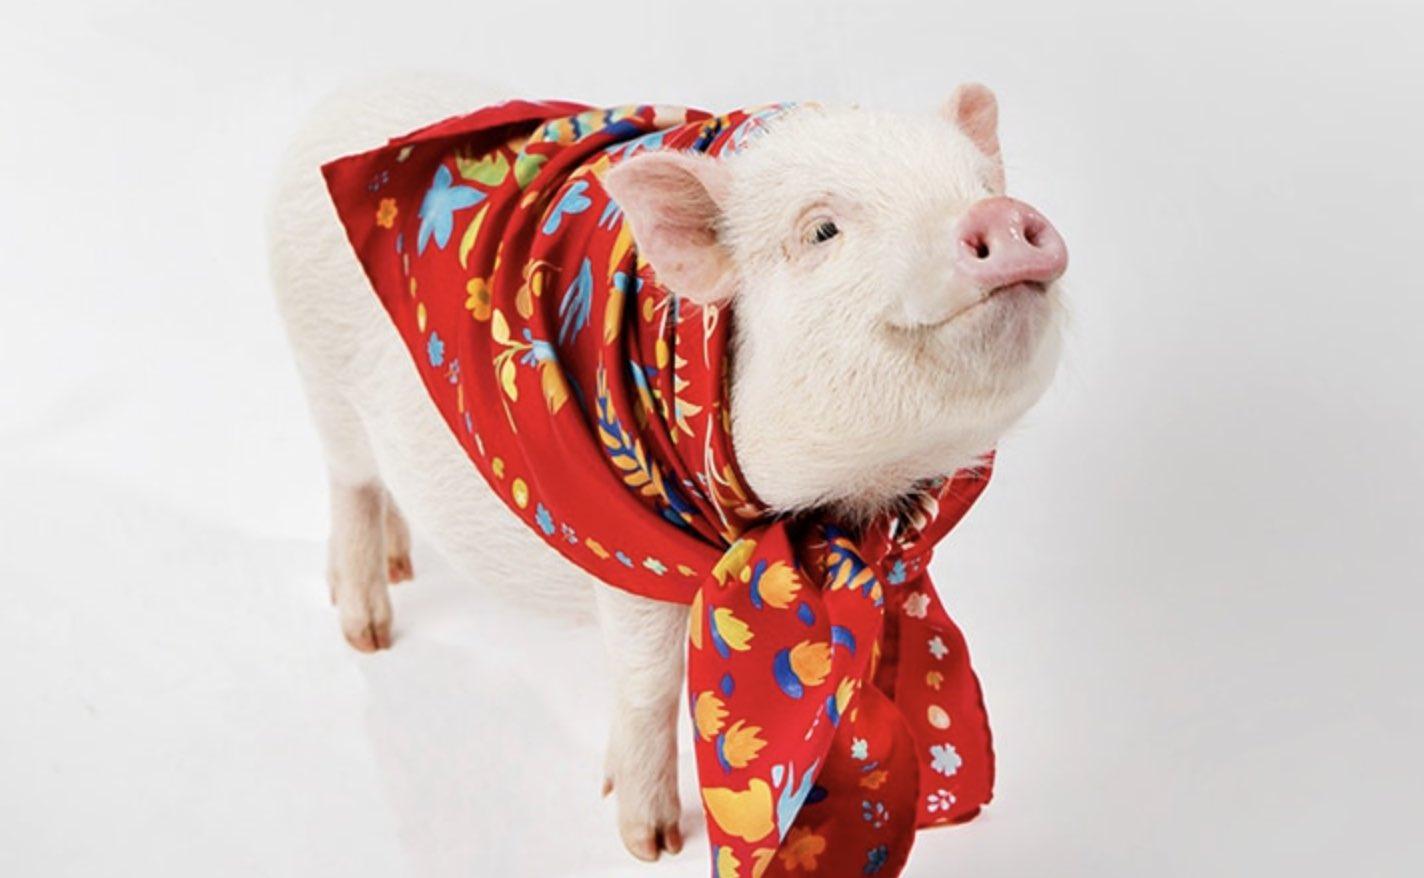 Oroscopo Cinese Maiale 2019 capodanno cinese, scoppia la moda del maiale - pambianconews